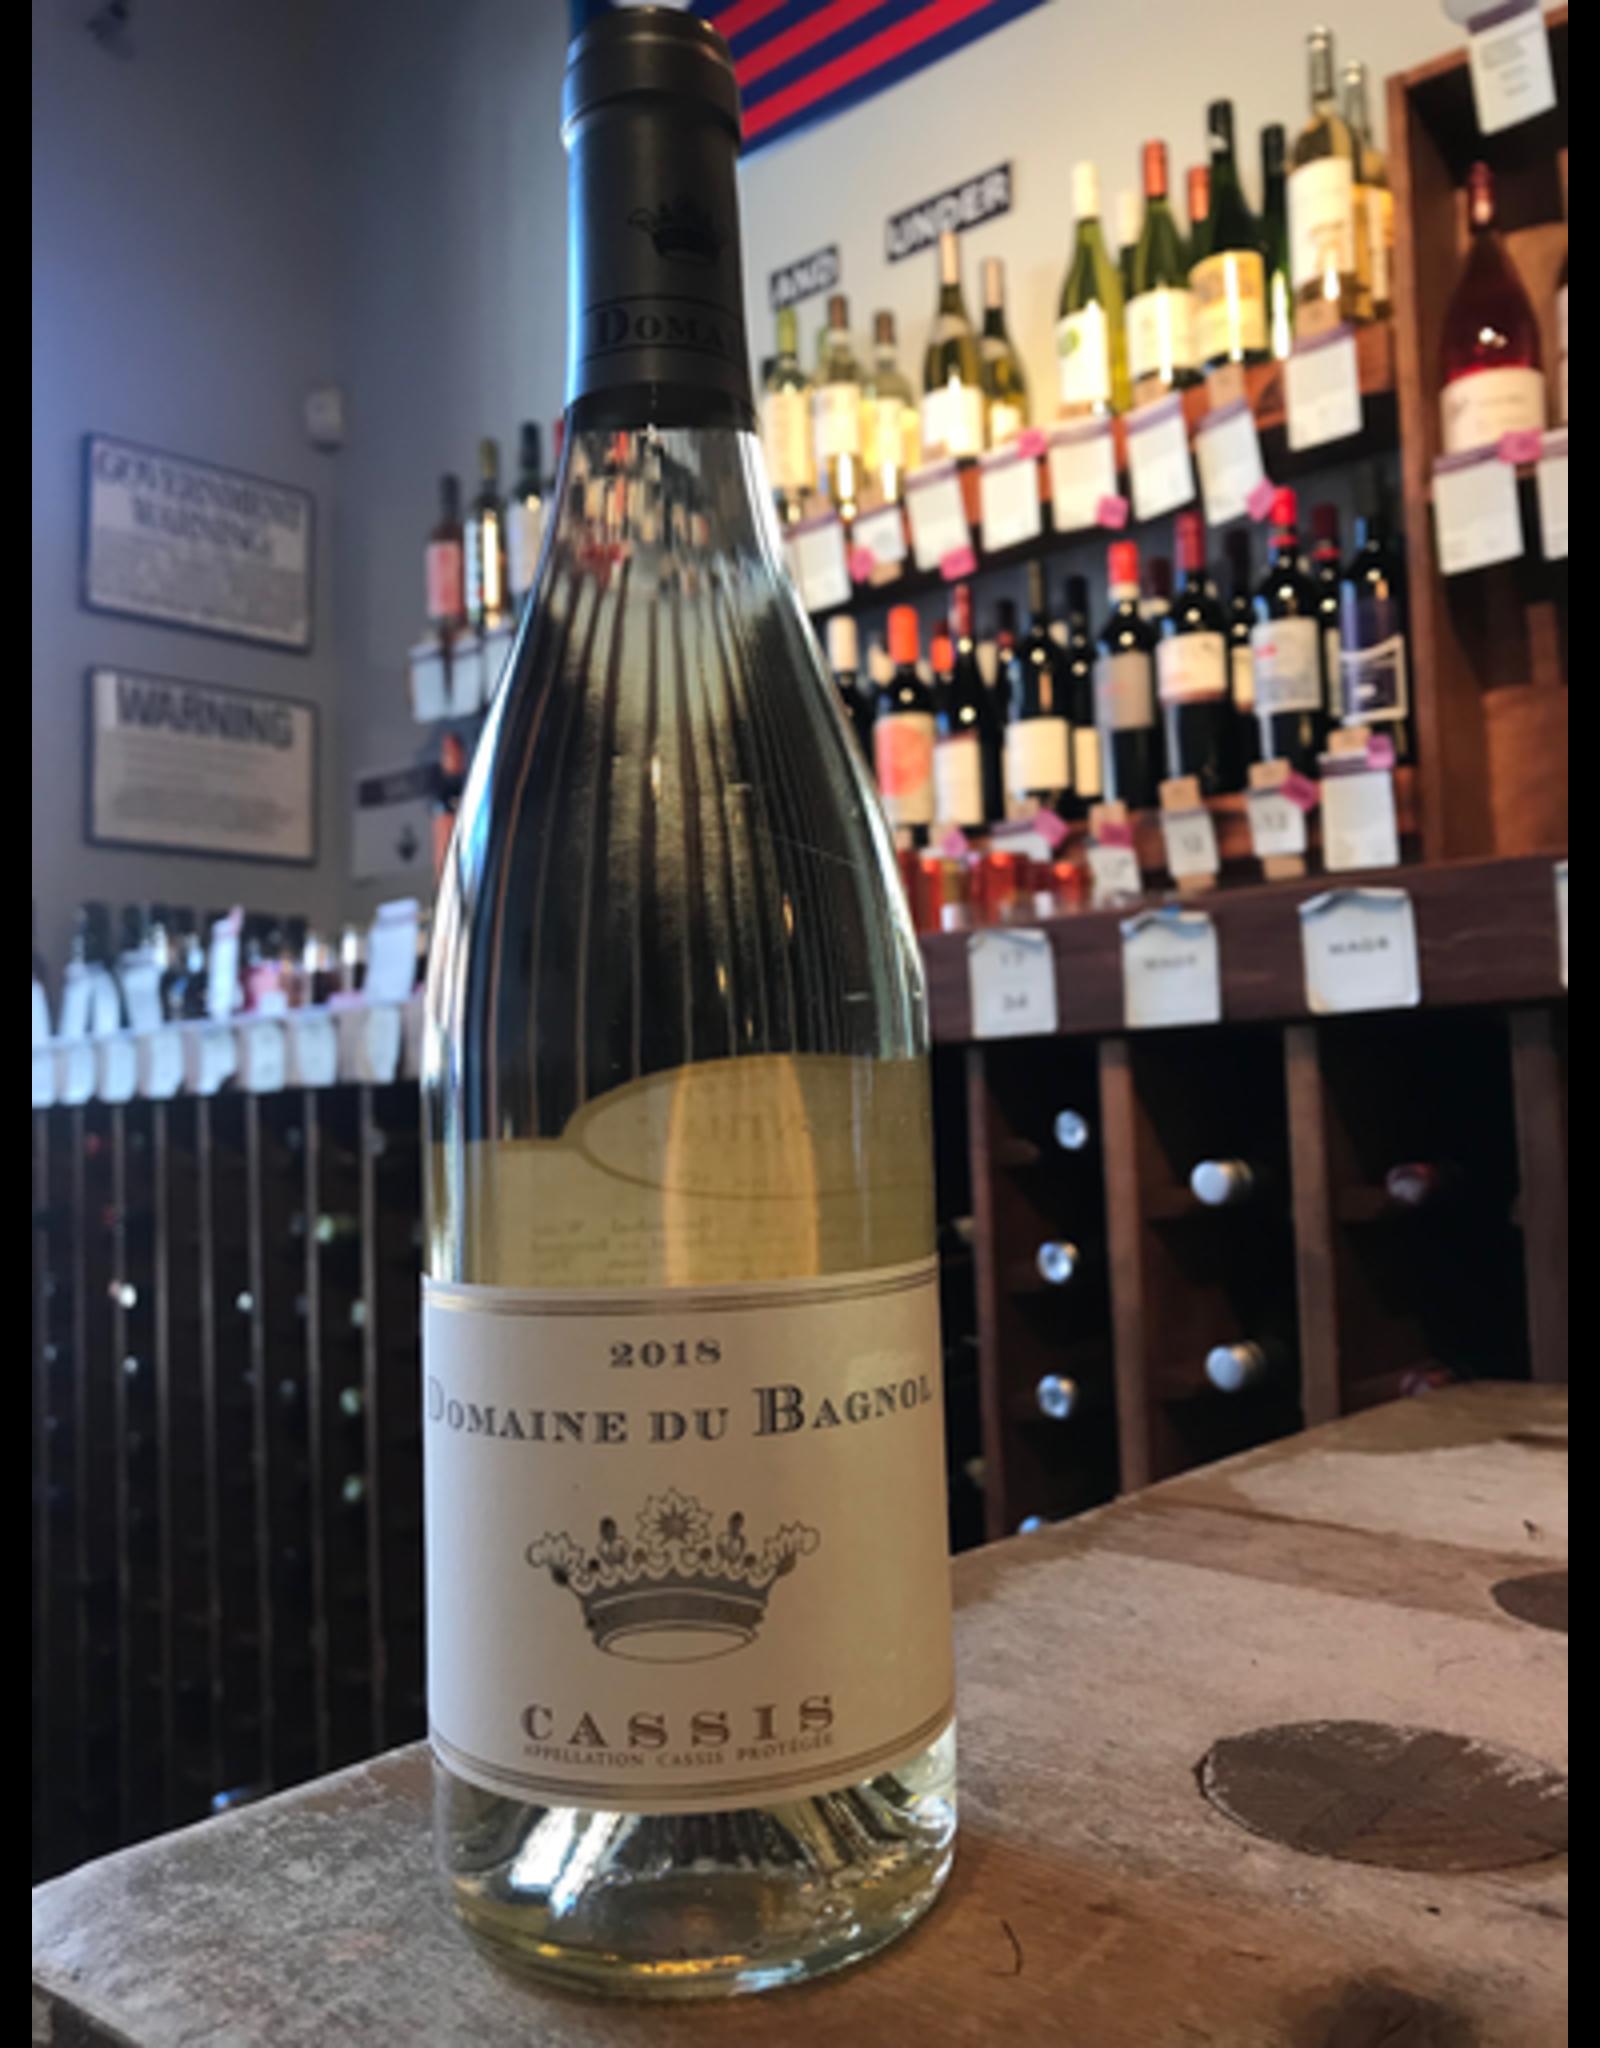 2018 Domaine du Bagnol Cassis Blanc - Provence, France